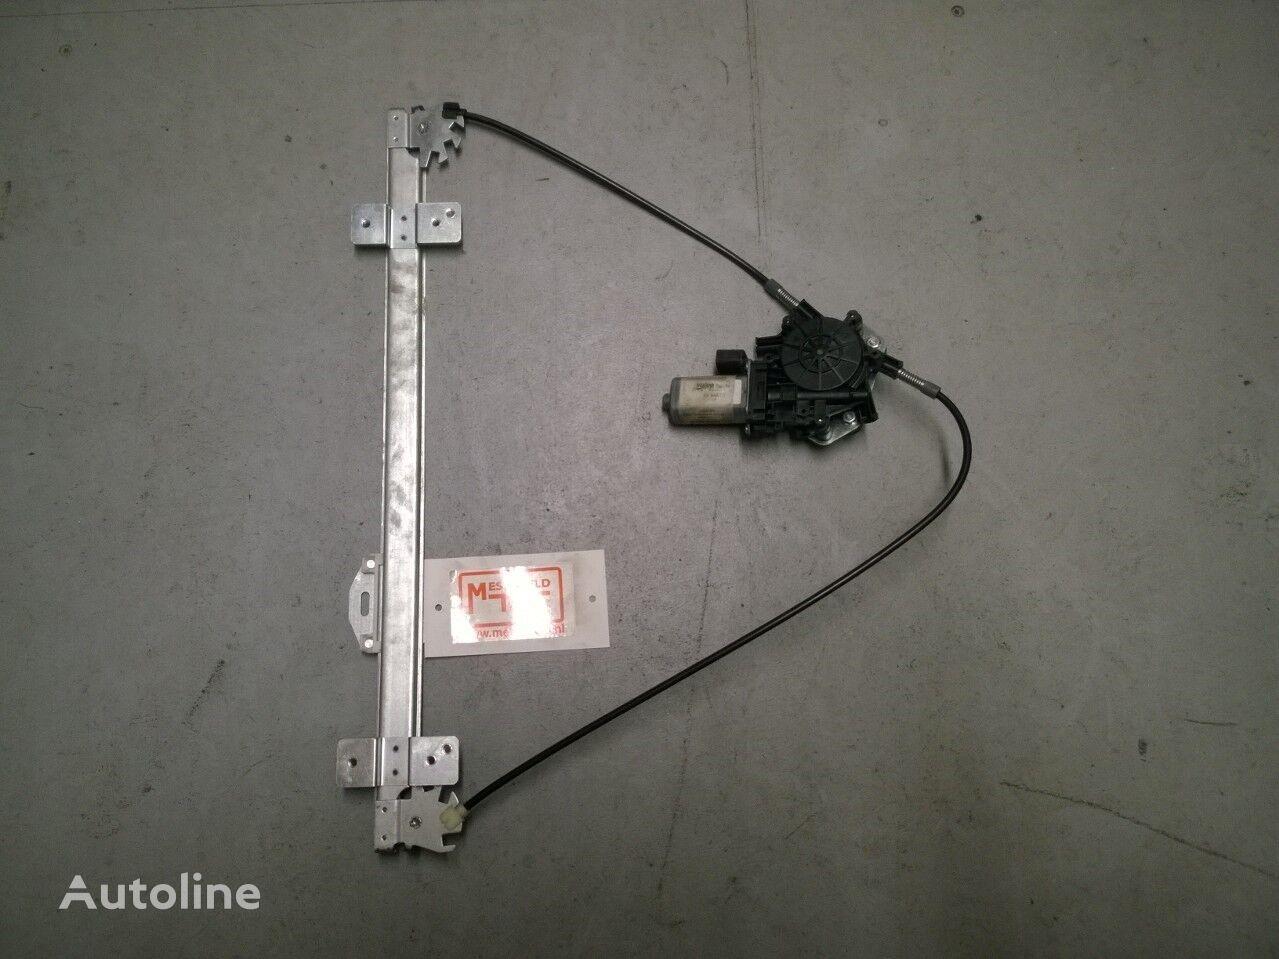 novi podizač stakla DAF za tegljača DAF Raammechanisme 85CF